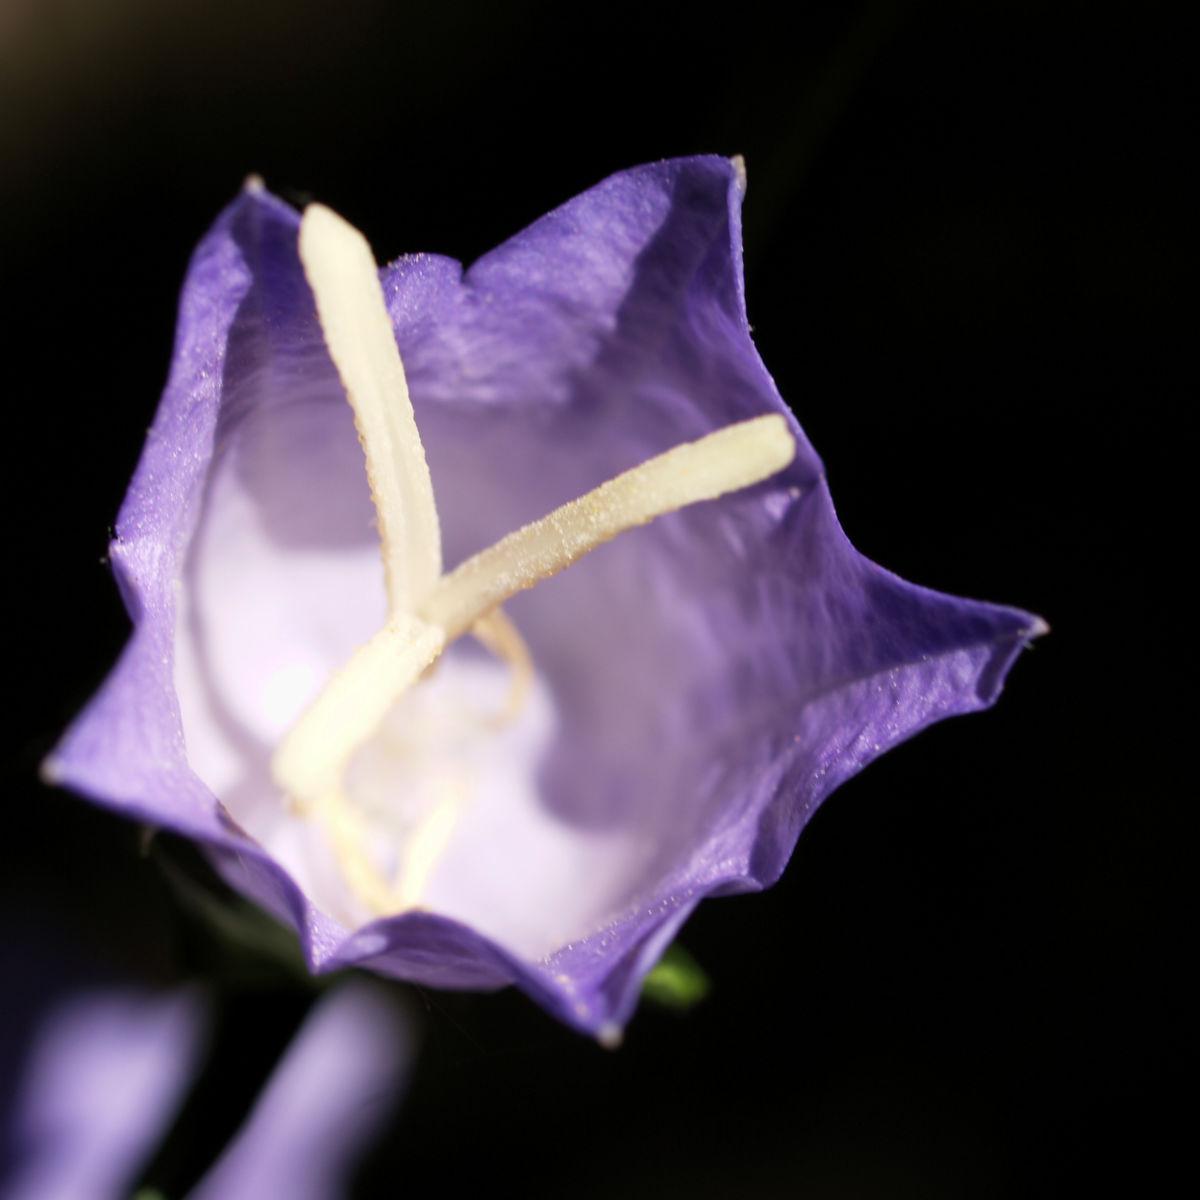 Pfirsichblaettrige Glockenblume Blute lila Campanula persicifolia